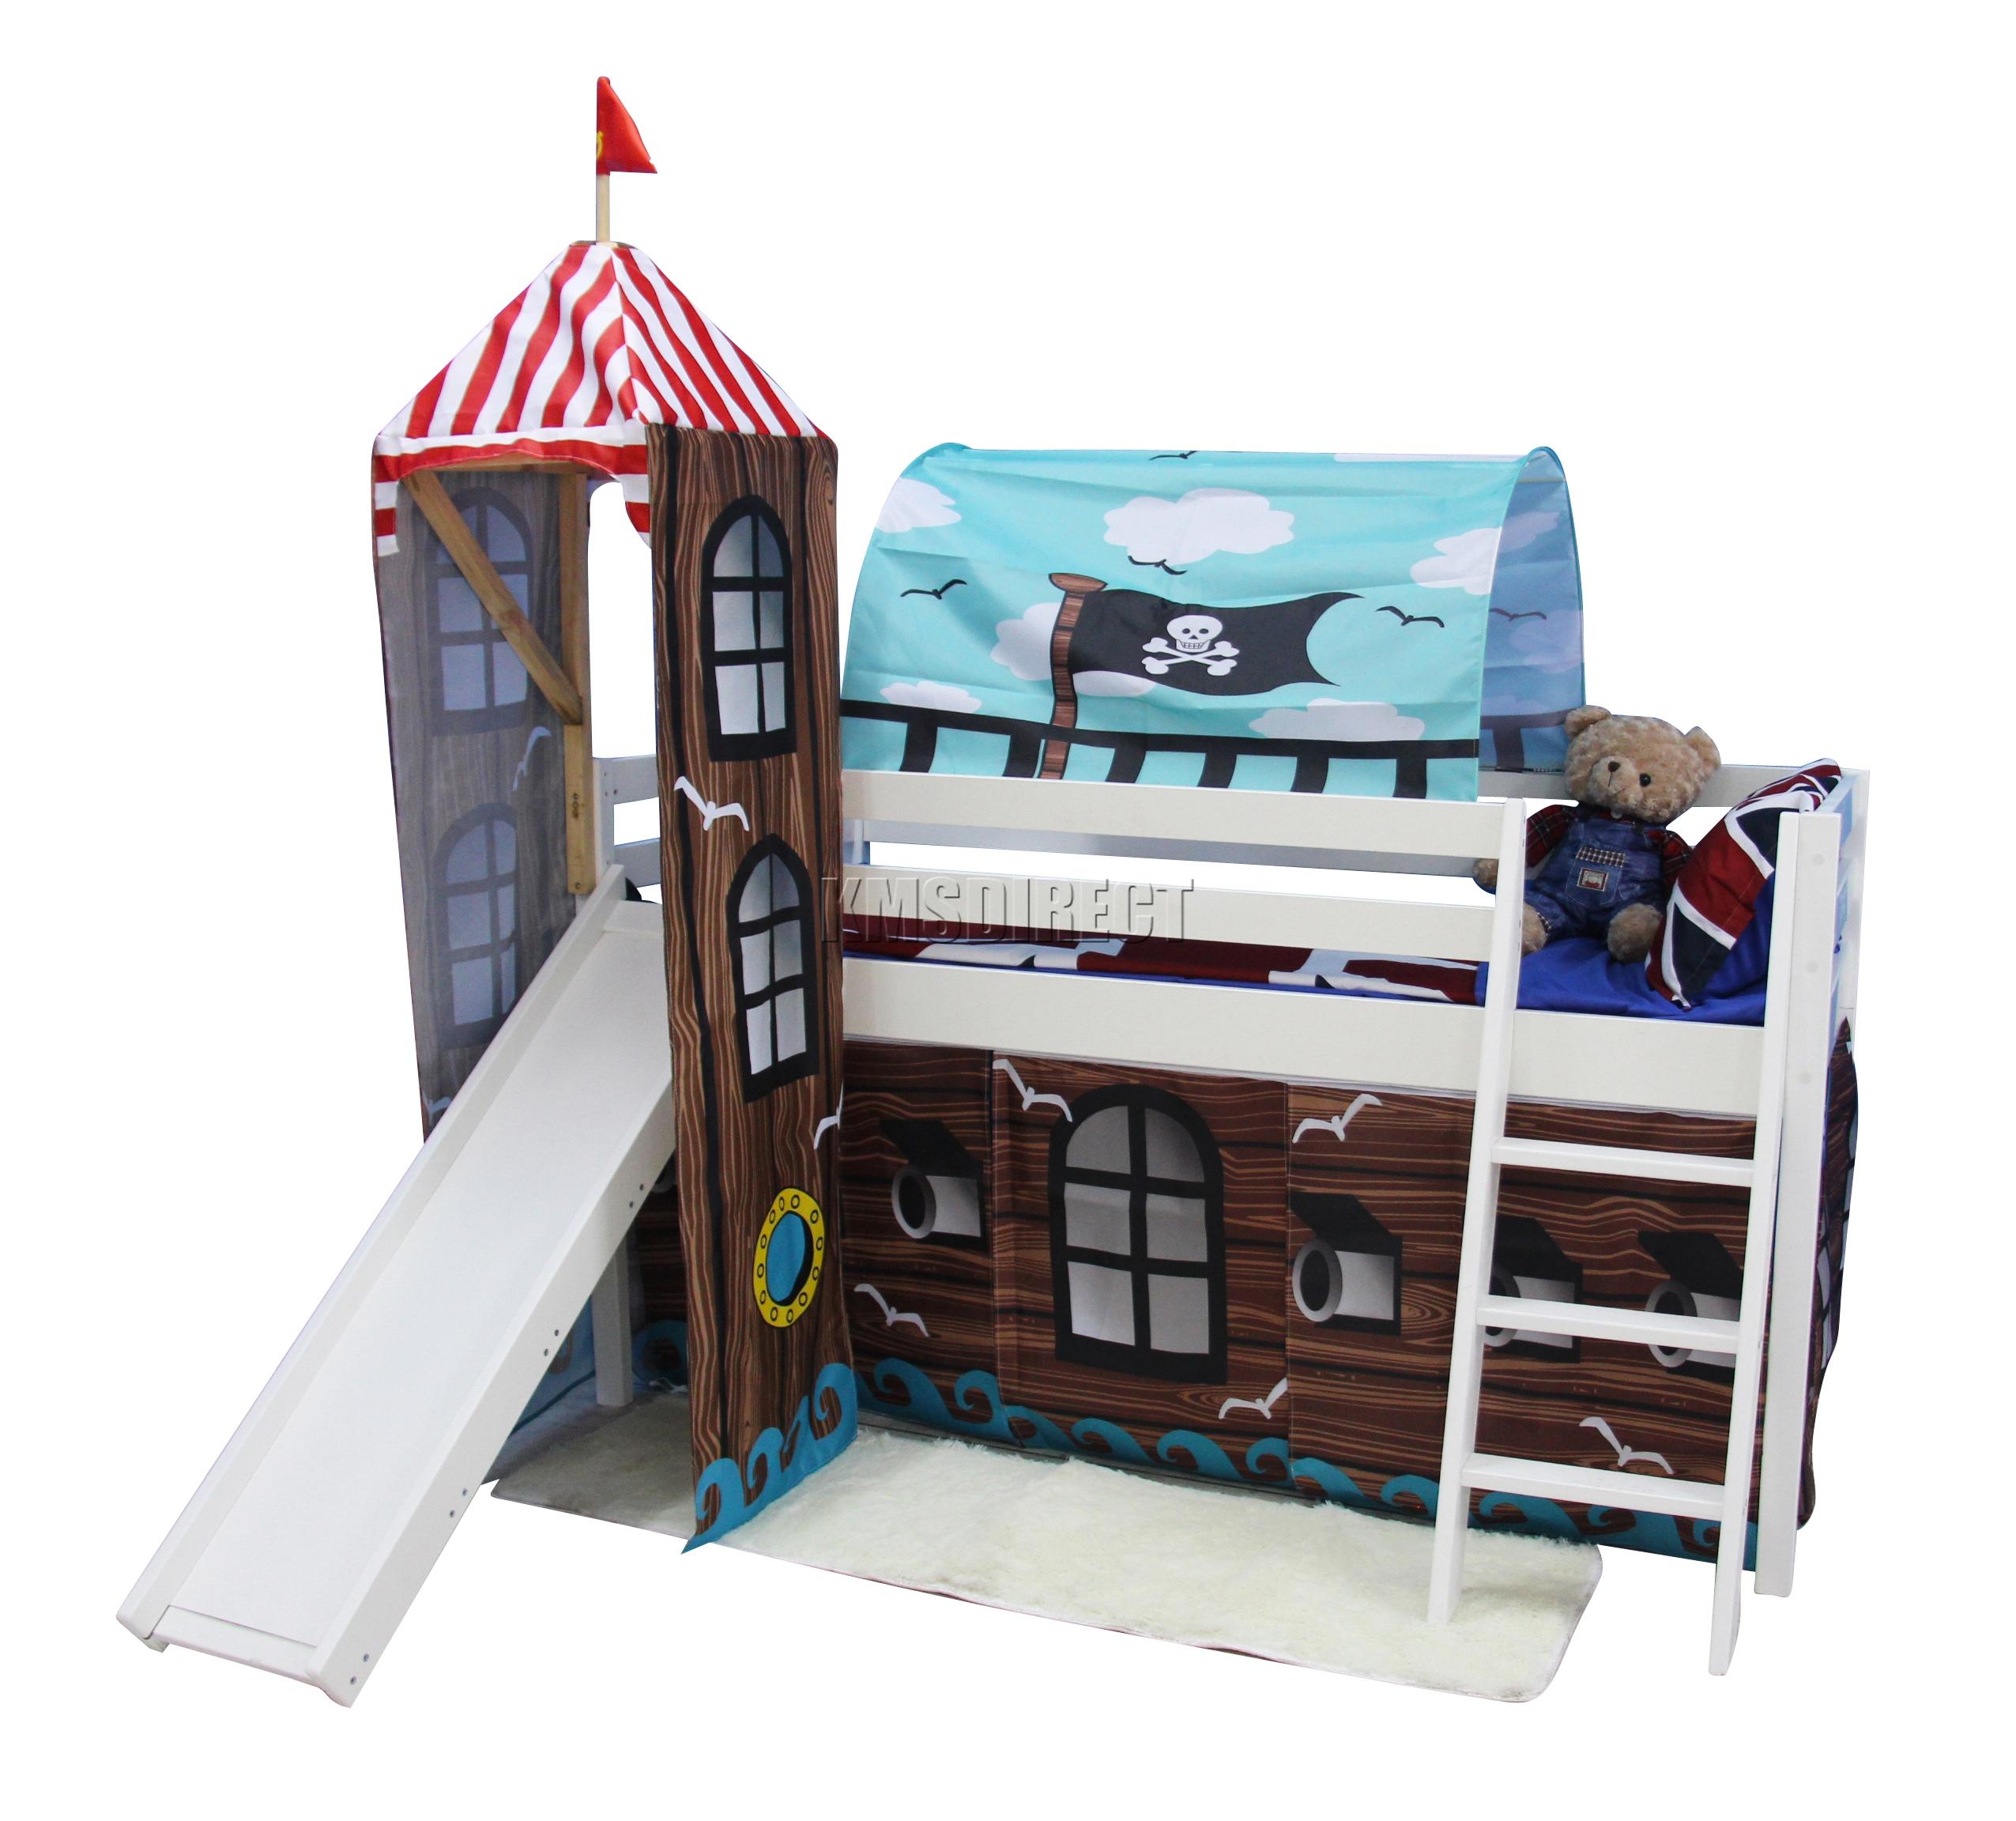 Riparo a soppalco in legno cabina letto a castello bambini scivolo tenda torre 3 ft ca m - Letto castello scivolo ...